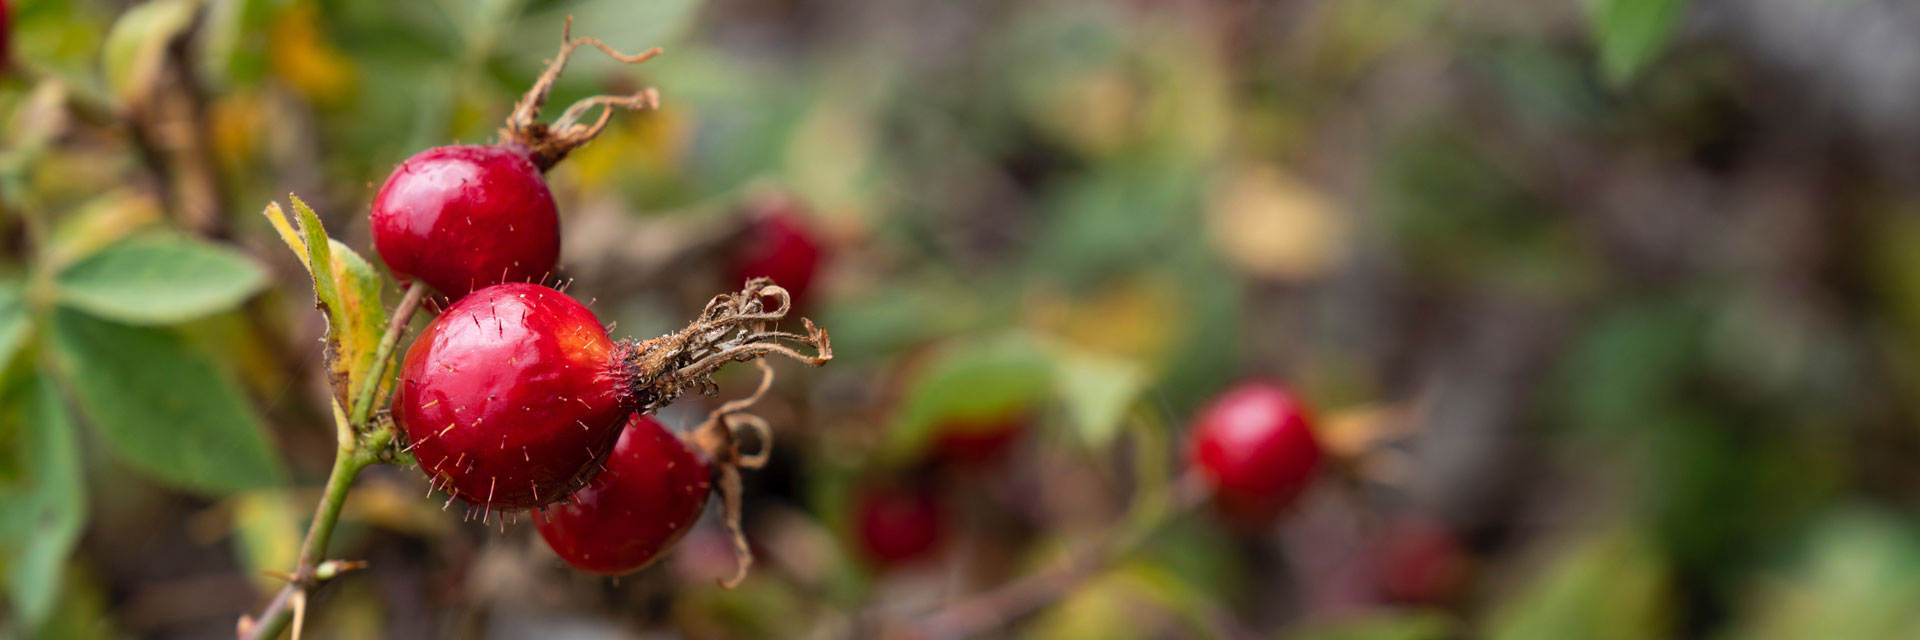 Чистое растительное сырье с Алтая